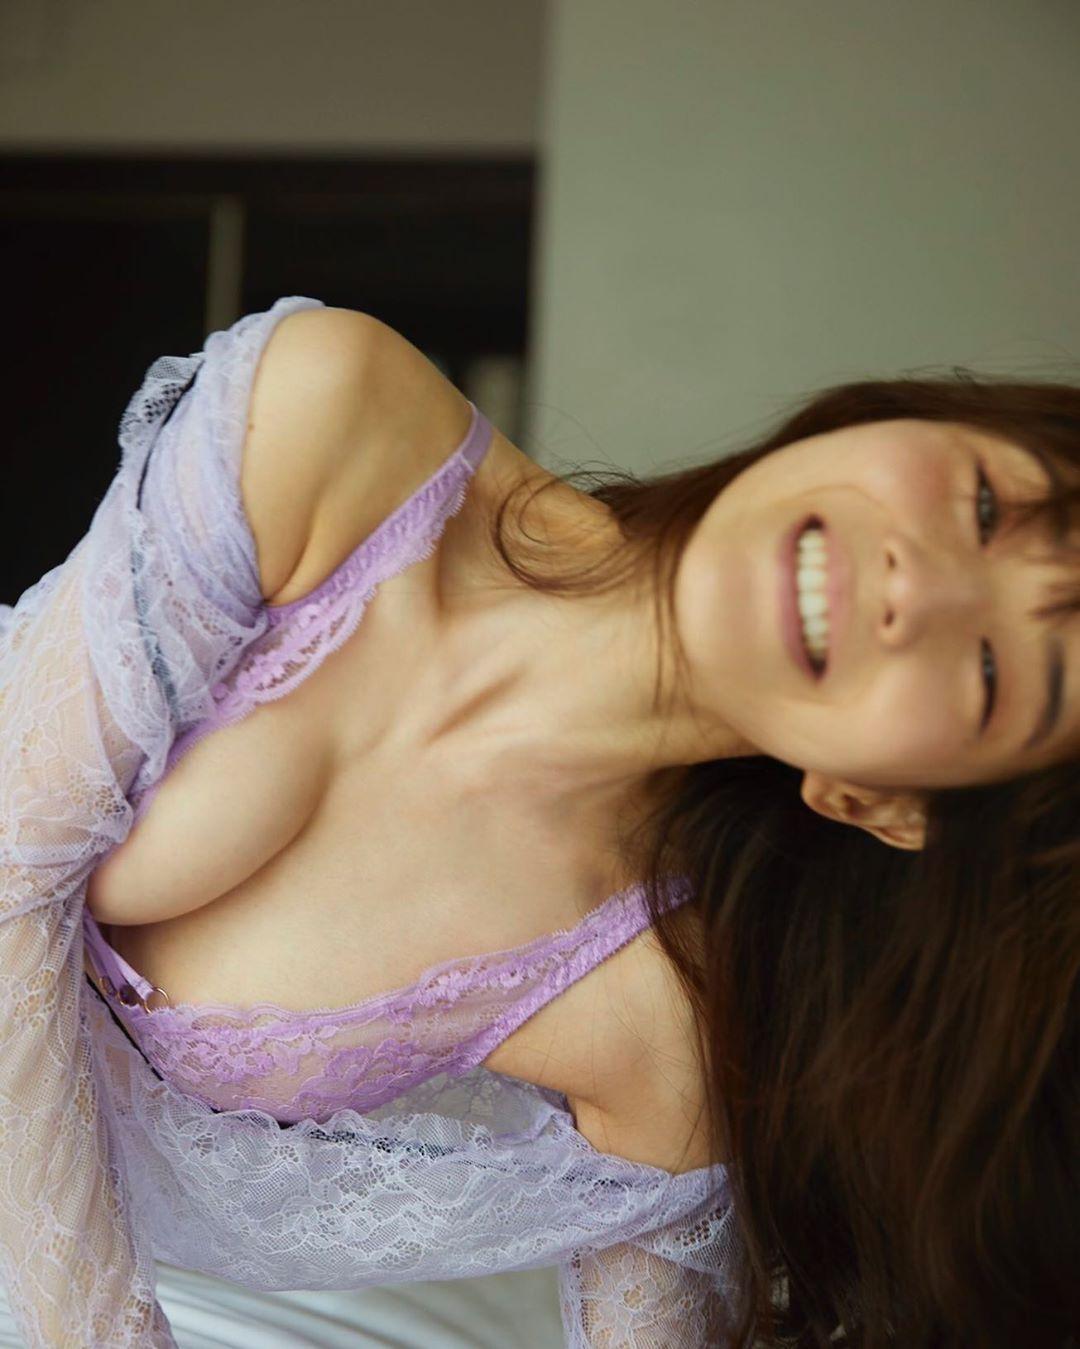 田中みな実 乳首ポッチがある過激な写真集キャプ・エロ画像6